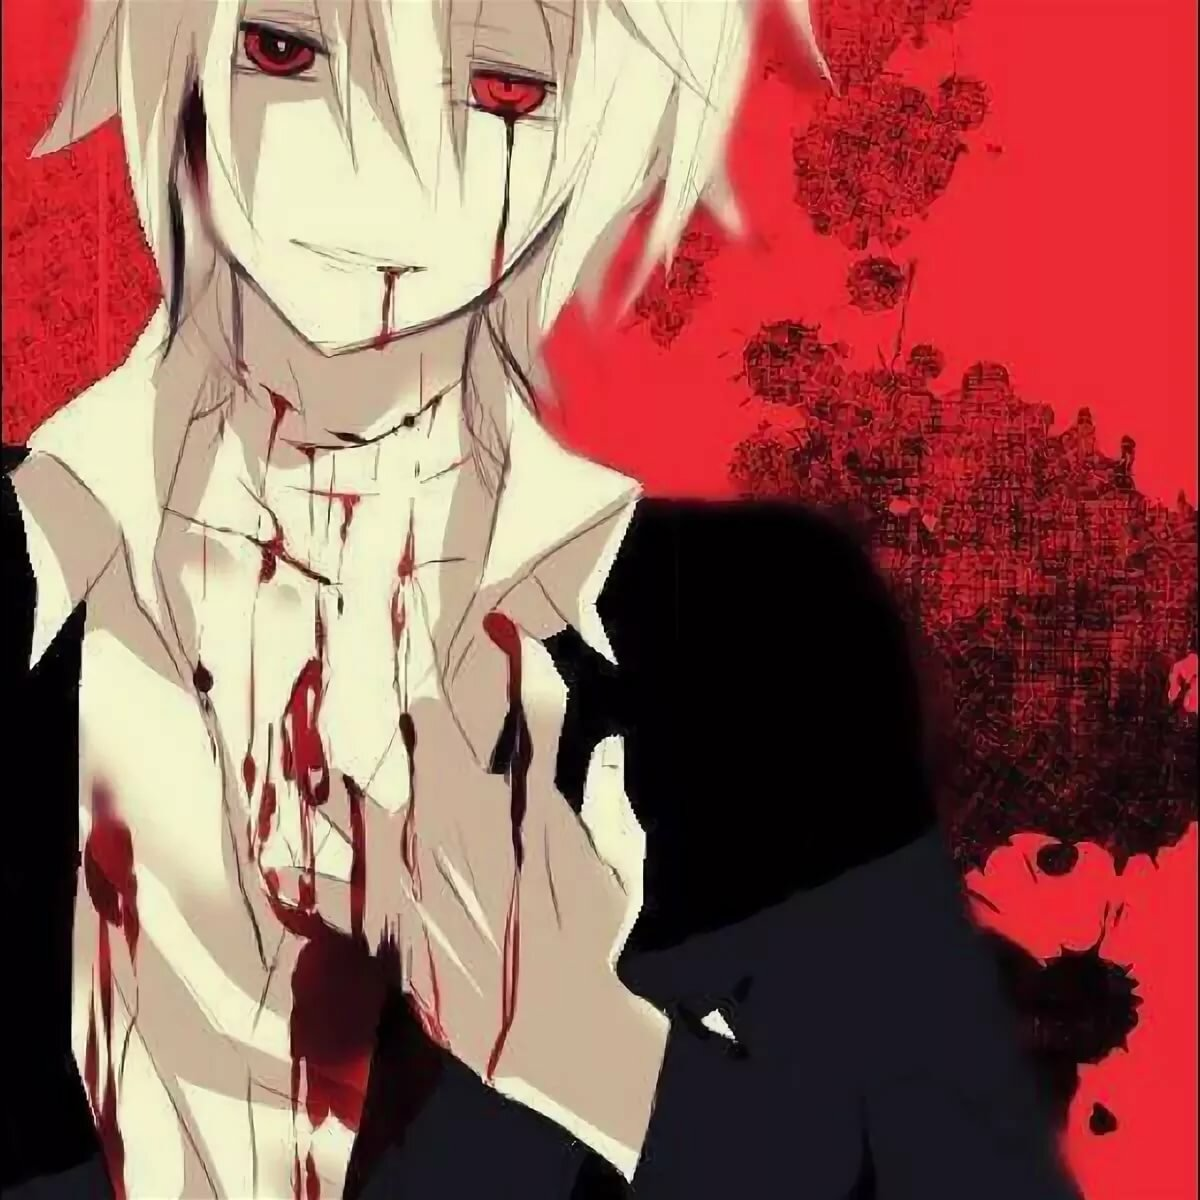 Картинки аниме для мальчиков убийца, картинки животными добрым